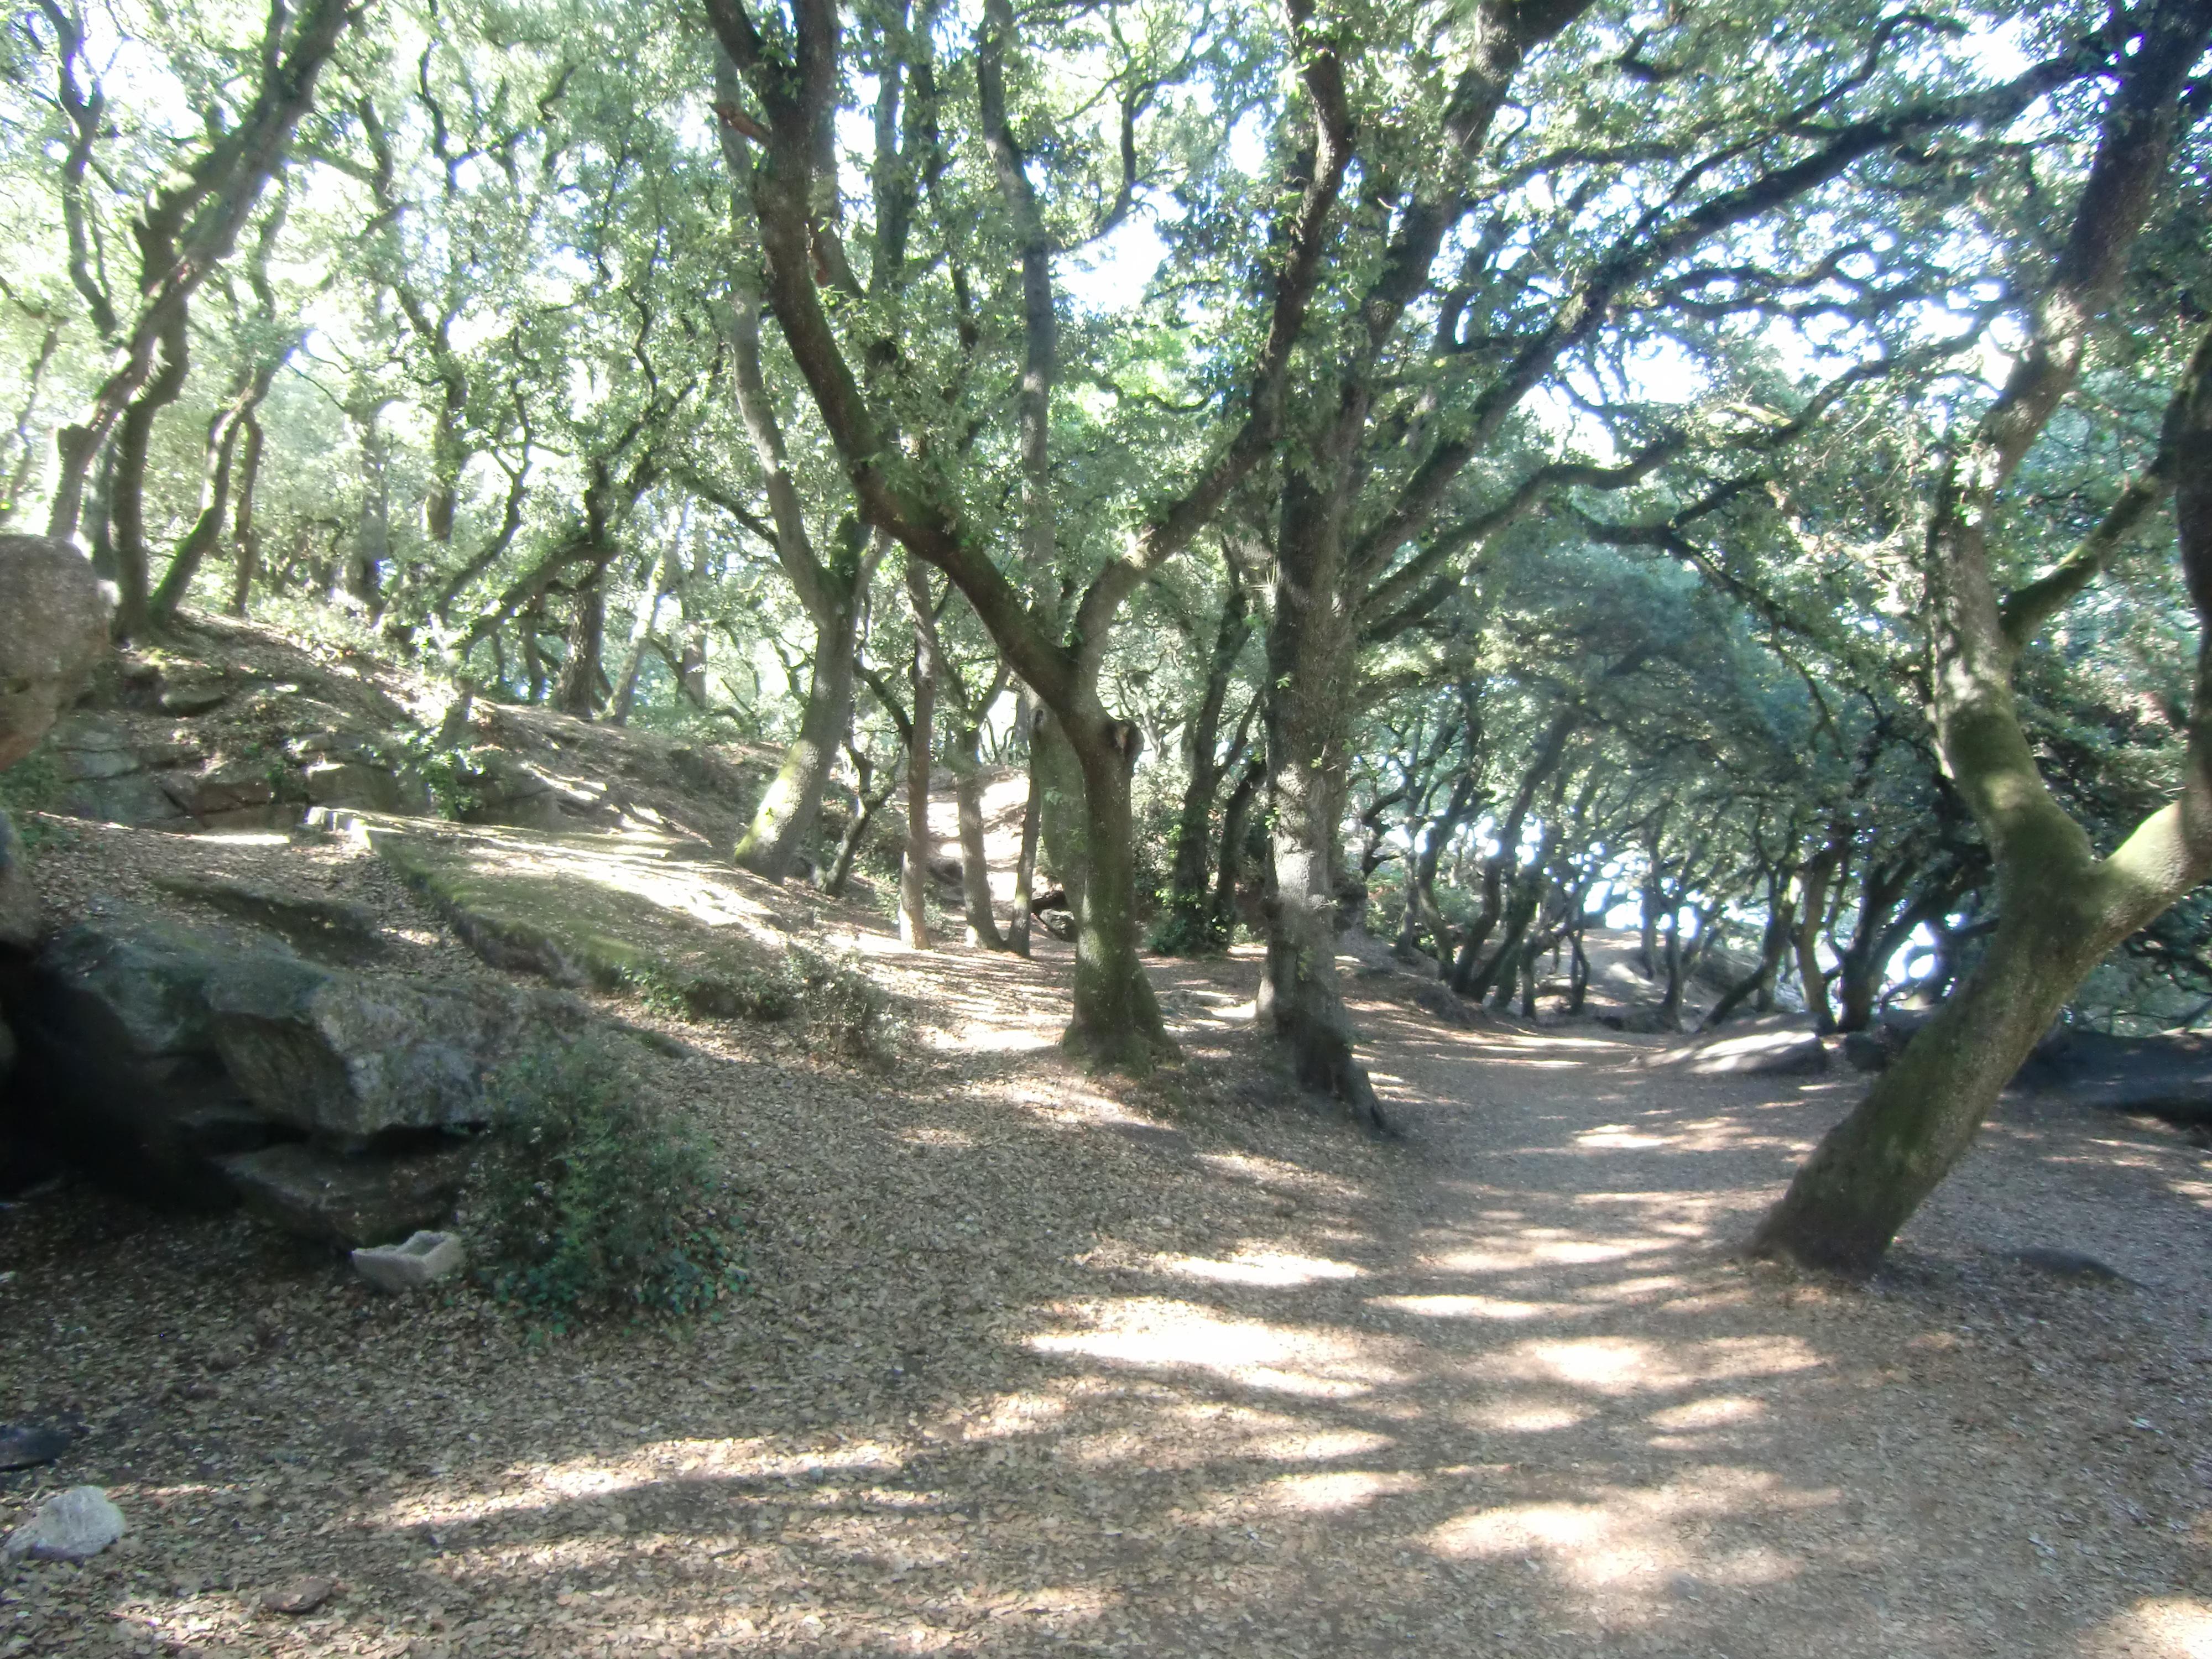 Visite Du Cote Bois De La Chaise Avec Google Maps Street View En Cliquant Sur Le Lien Ci Dessous